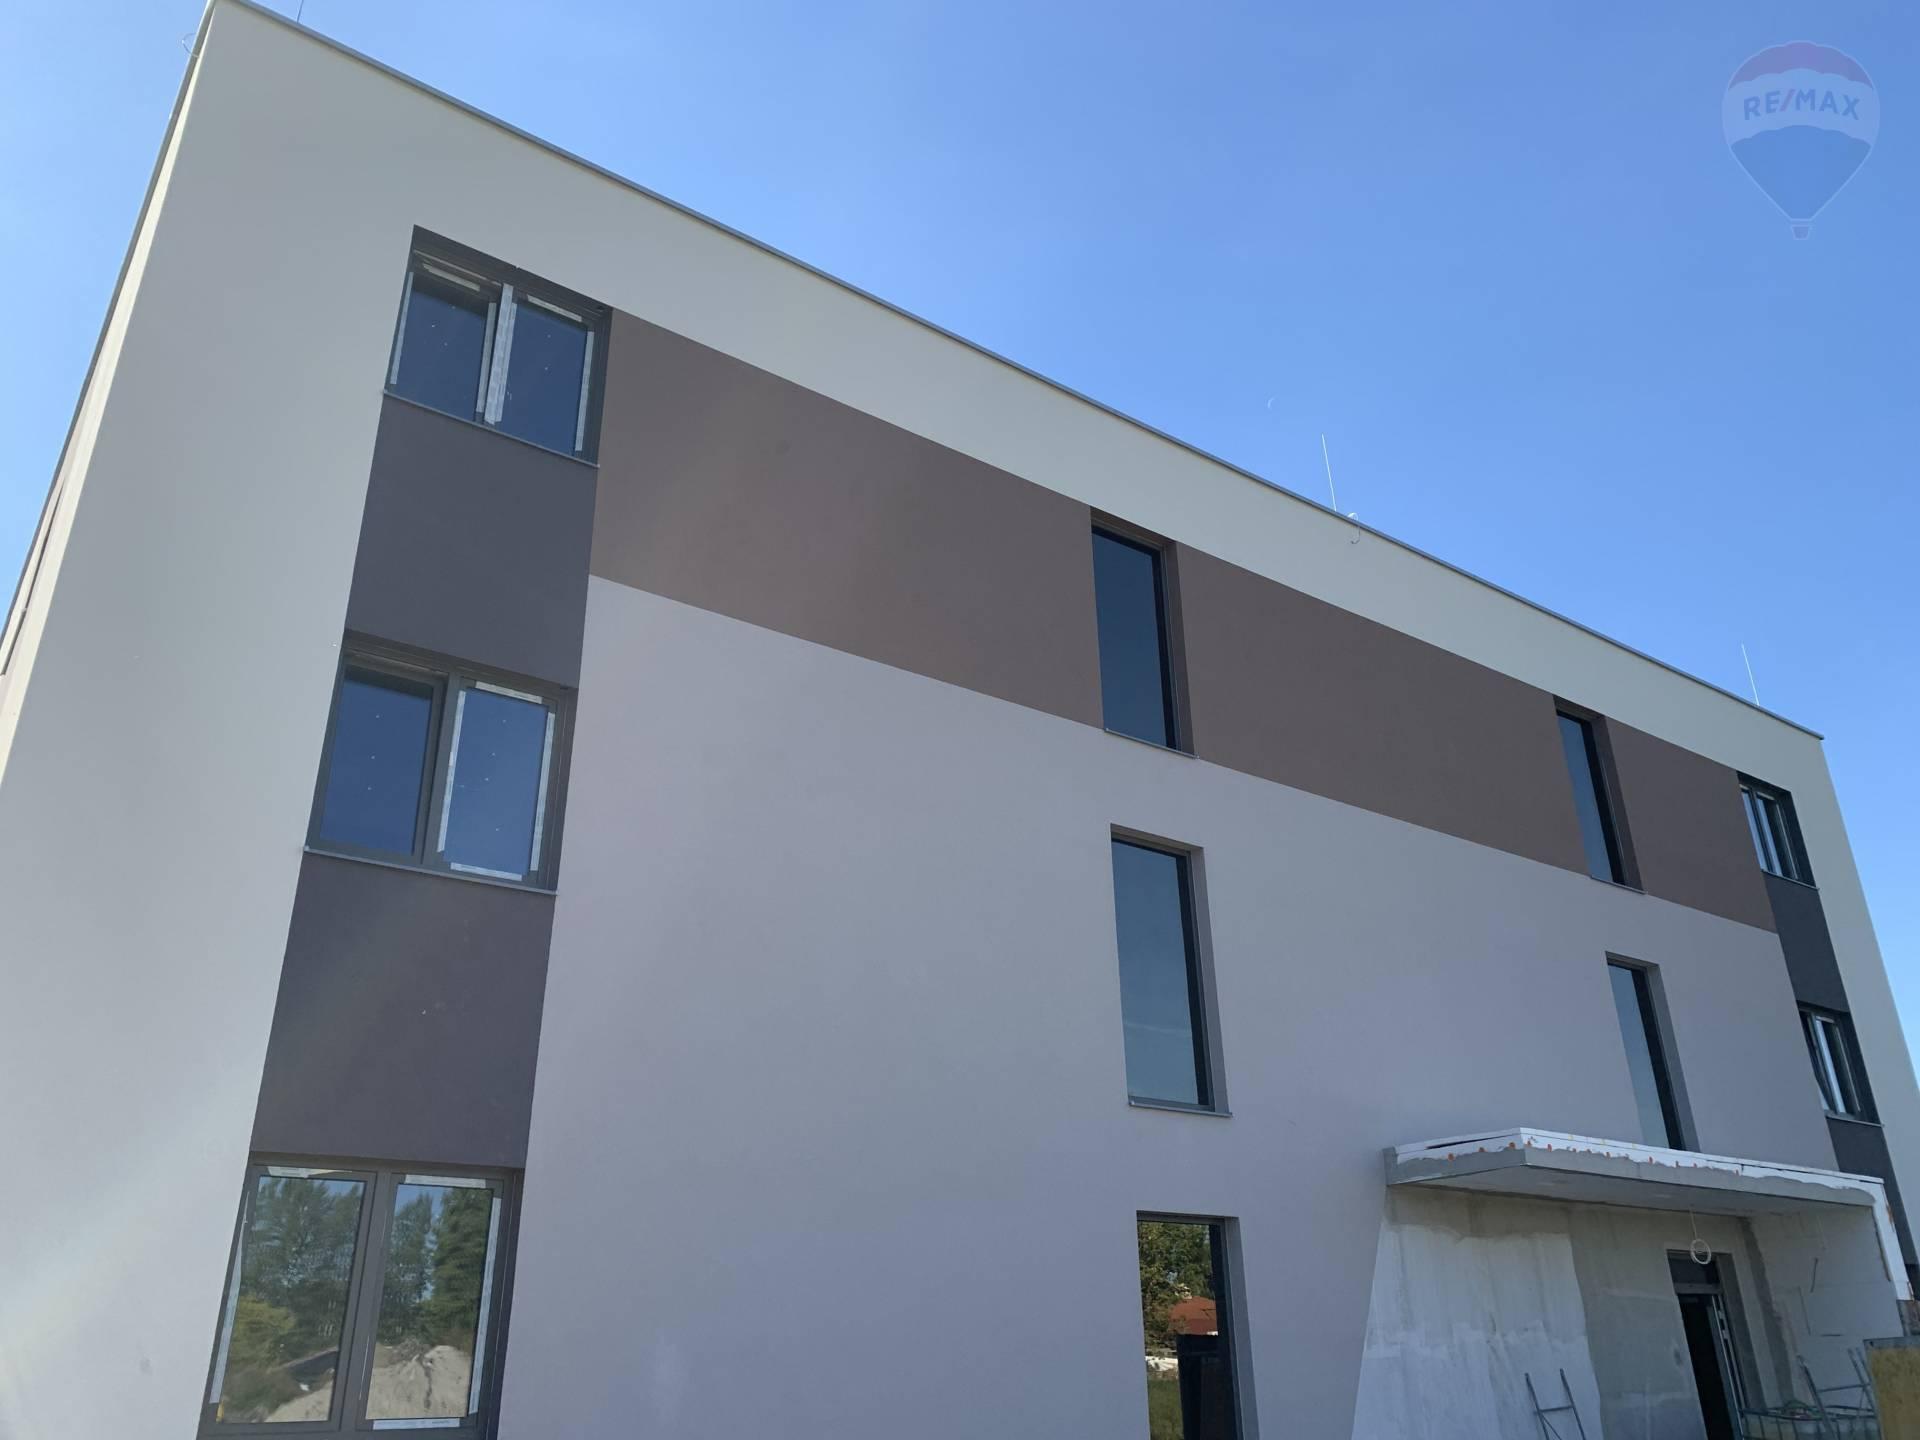 Predaj 2 izbový byt v Dunajskej Strede, Poľná cesta, na klúč, 1 parkovacie miesto, 70,2 m2